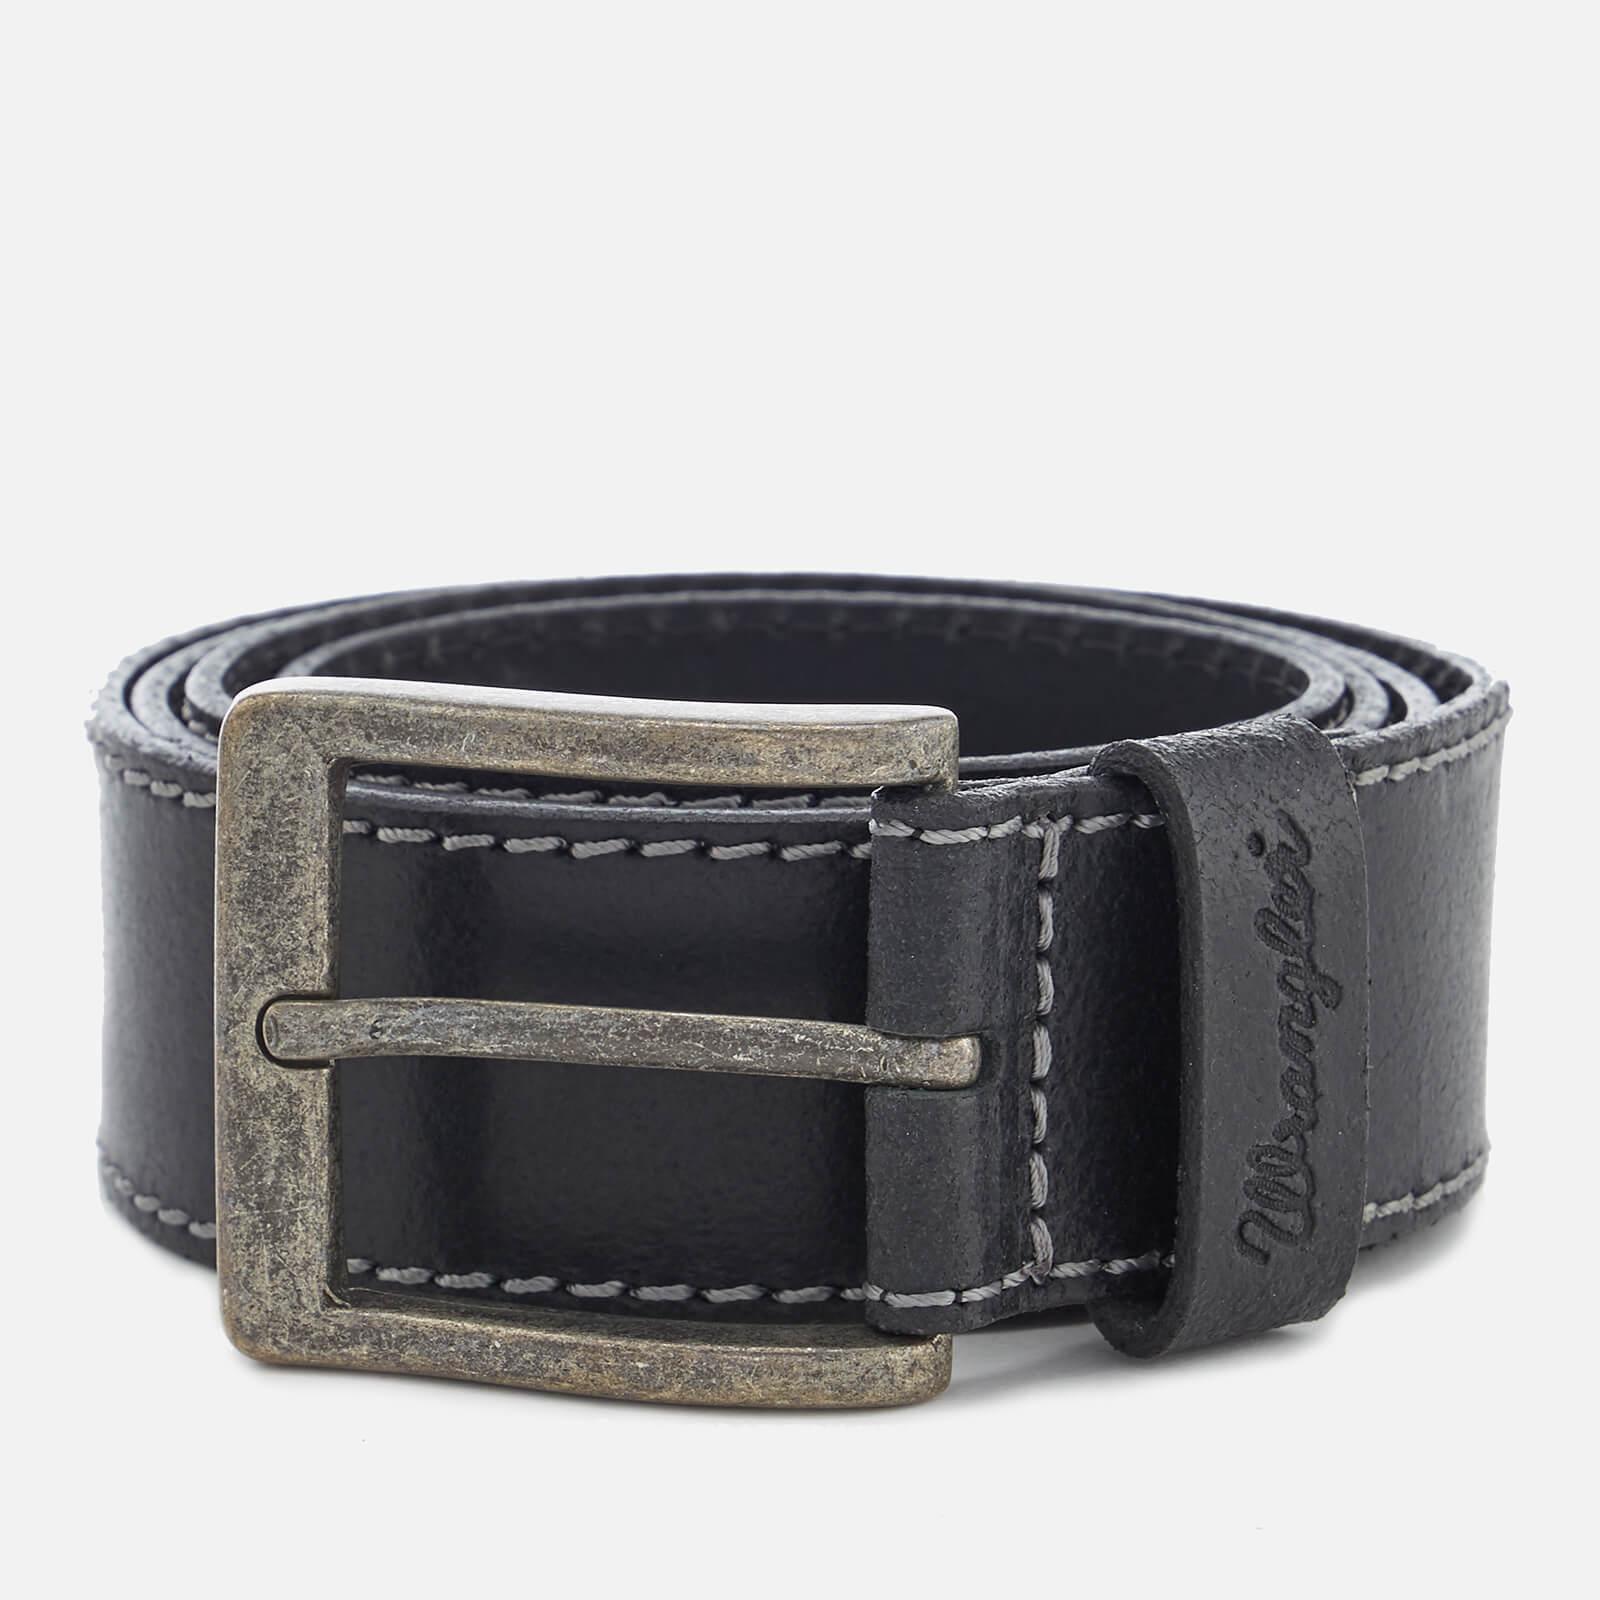 Wrangler Men's Stitched Belt - Black - XL - Black